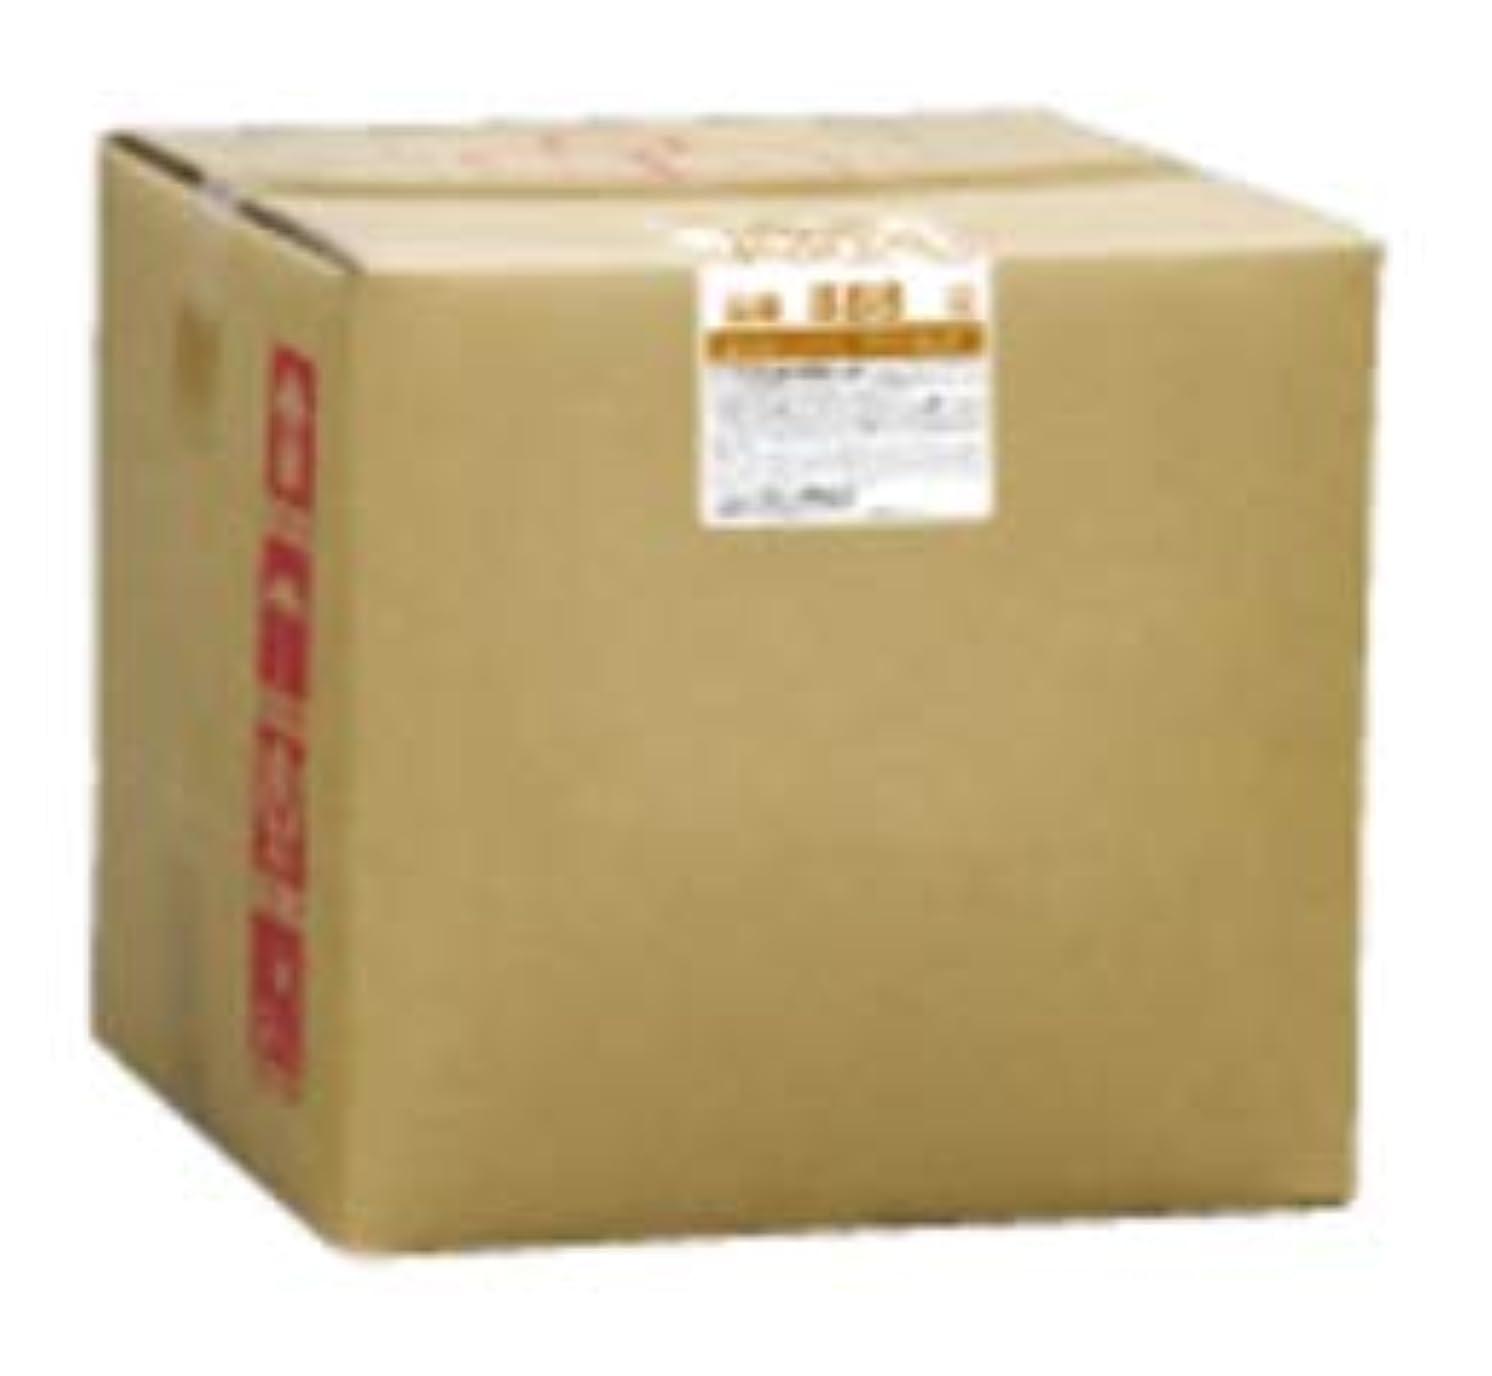 無駄に世界に死んだ発音するフタバ化学 ラコンサ RakhOansat コンディショナー 18L 詰め替え 480ml専用空容器付